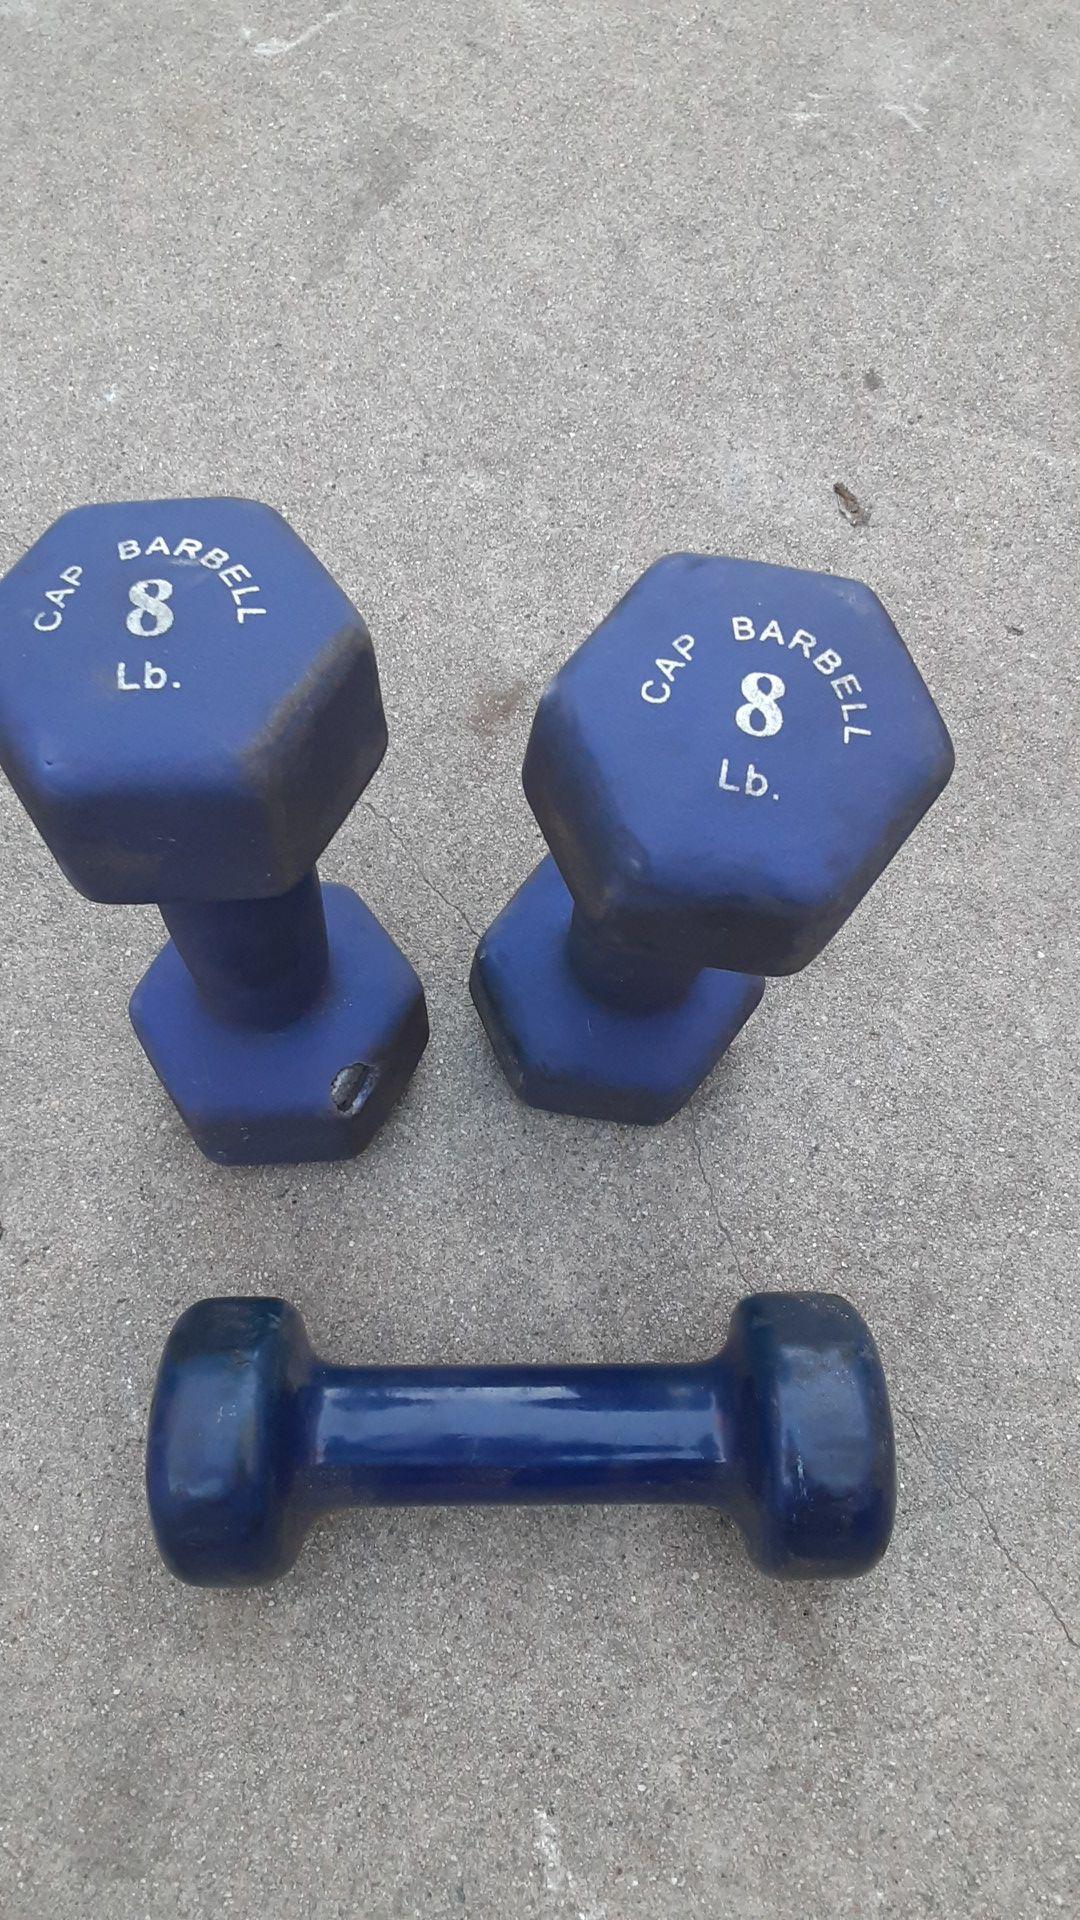 Weights 2 8lb dumbells single 5lb